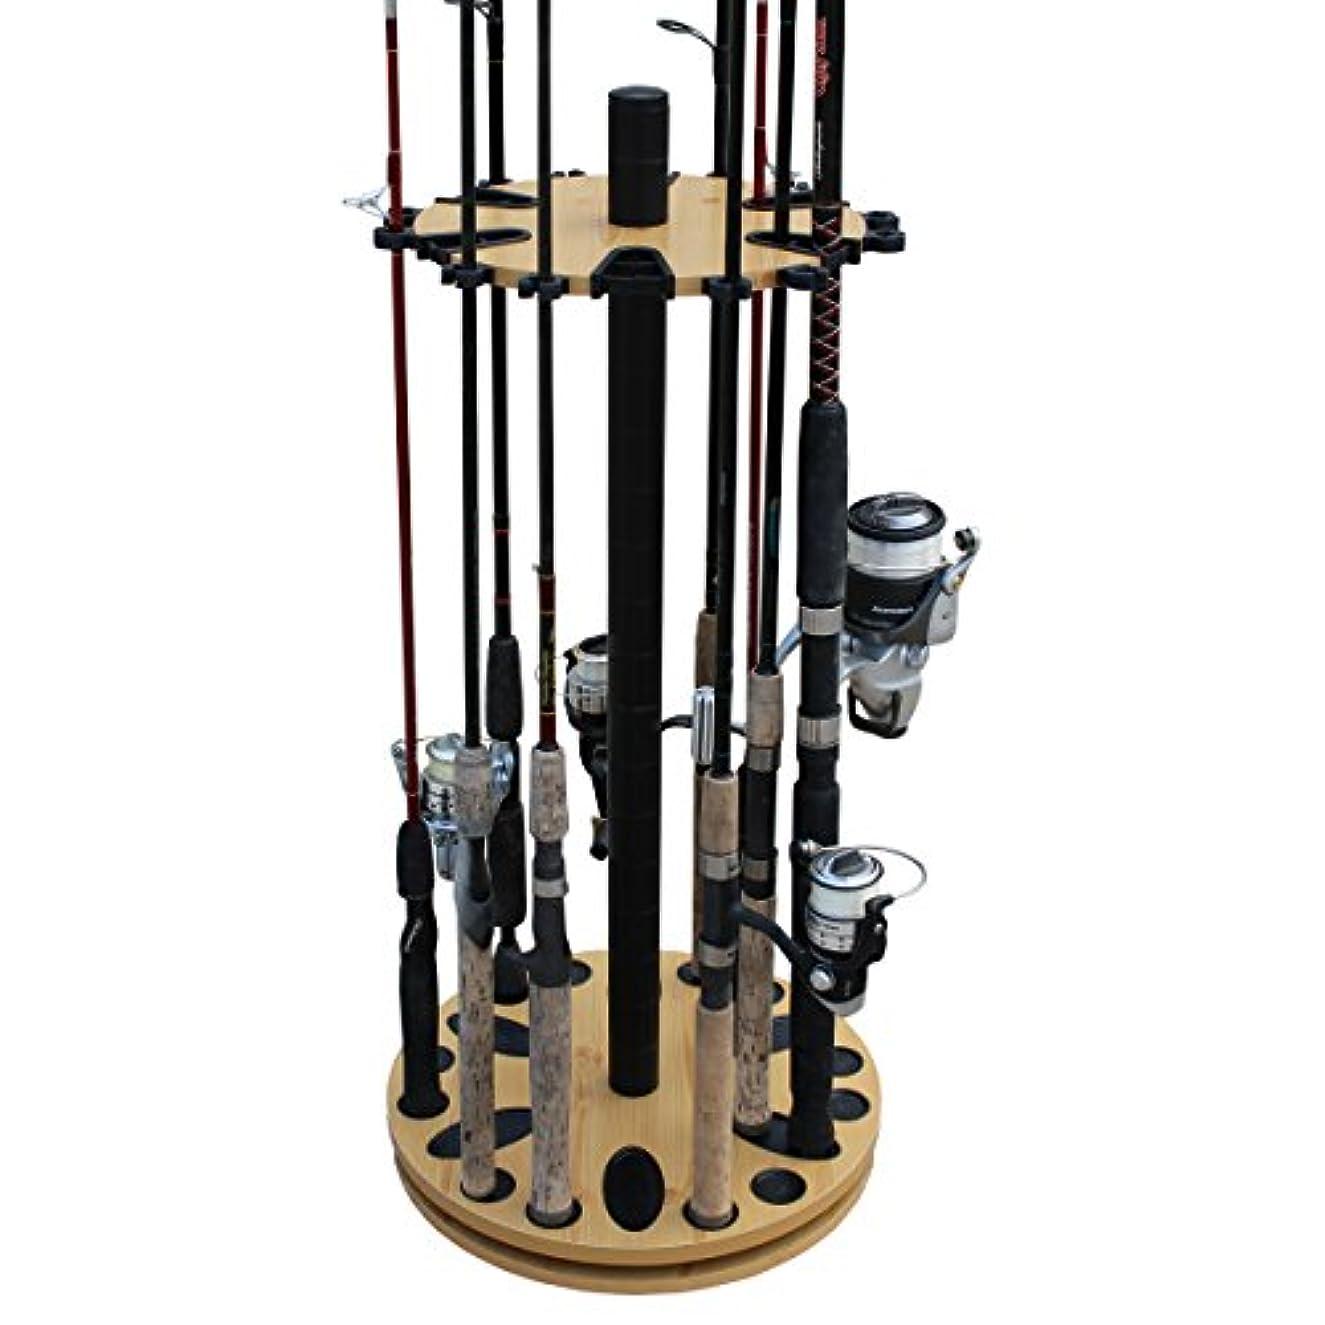 コンピューターゲームをプレイするマリナー政治家の(Wood Grain Laminate) - Rush Creek Creations 24 Round Spinning Fishing Rod